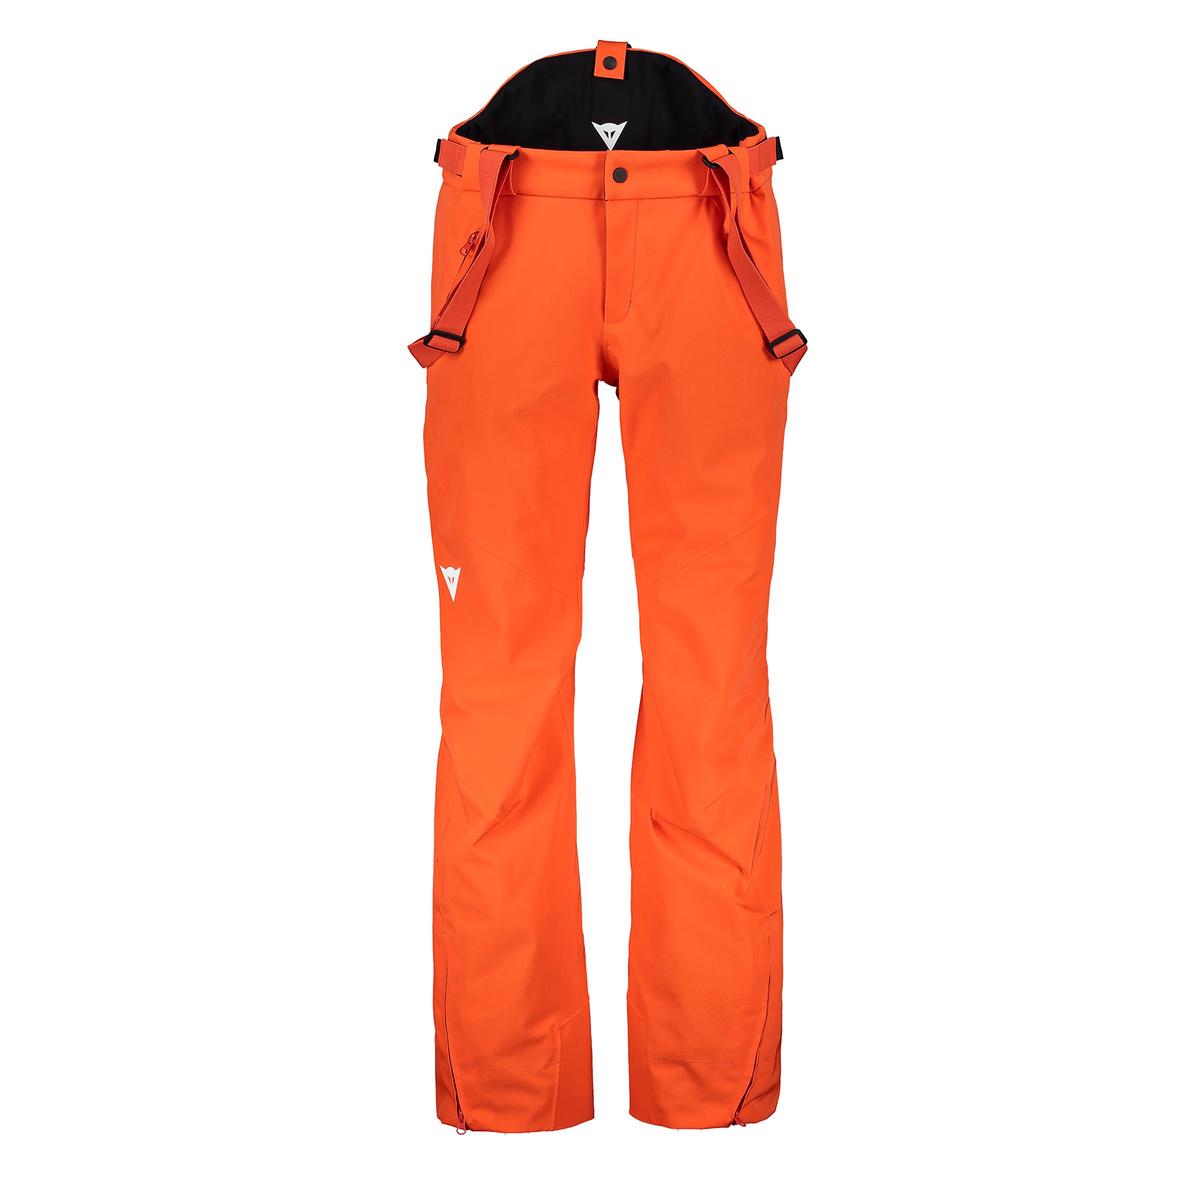 Prezzi Dainese pantaloni hp2 p m1